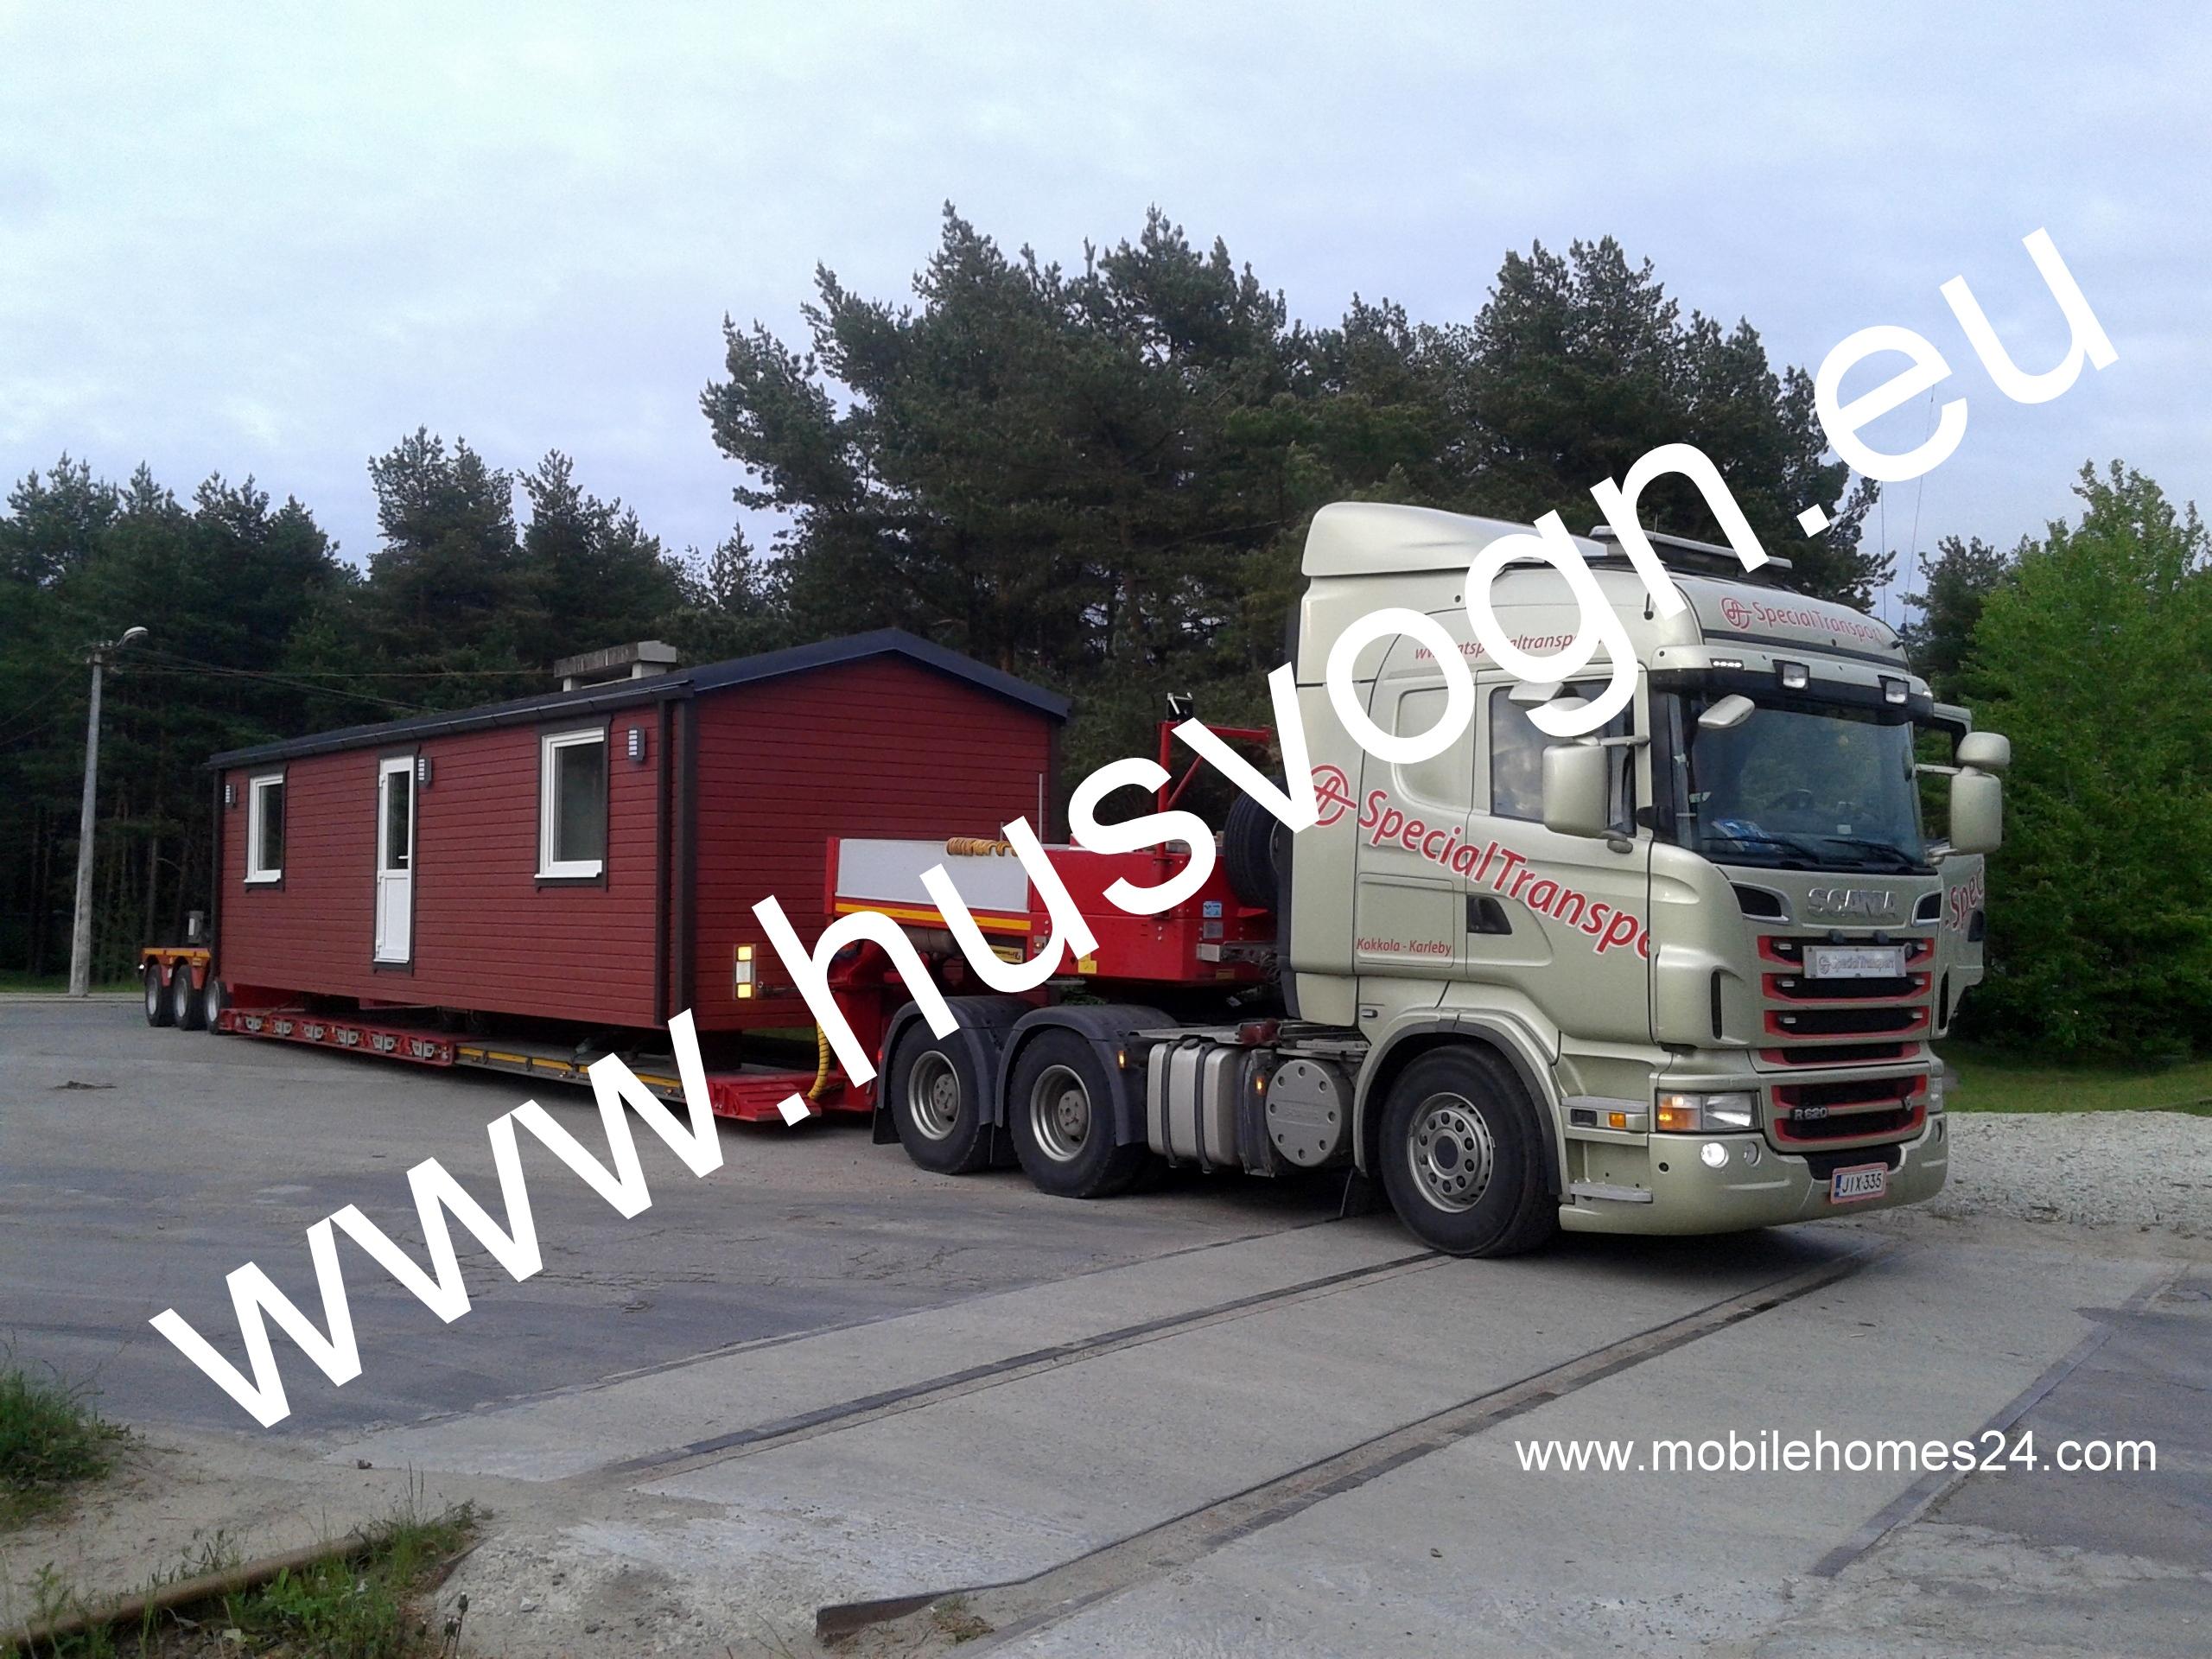 Husvogn, husvogner, husvogner til salgs, Estland mobile homes.